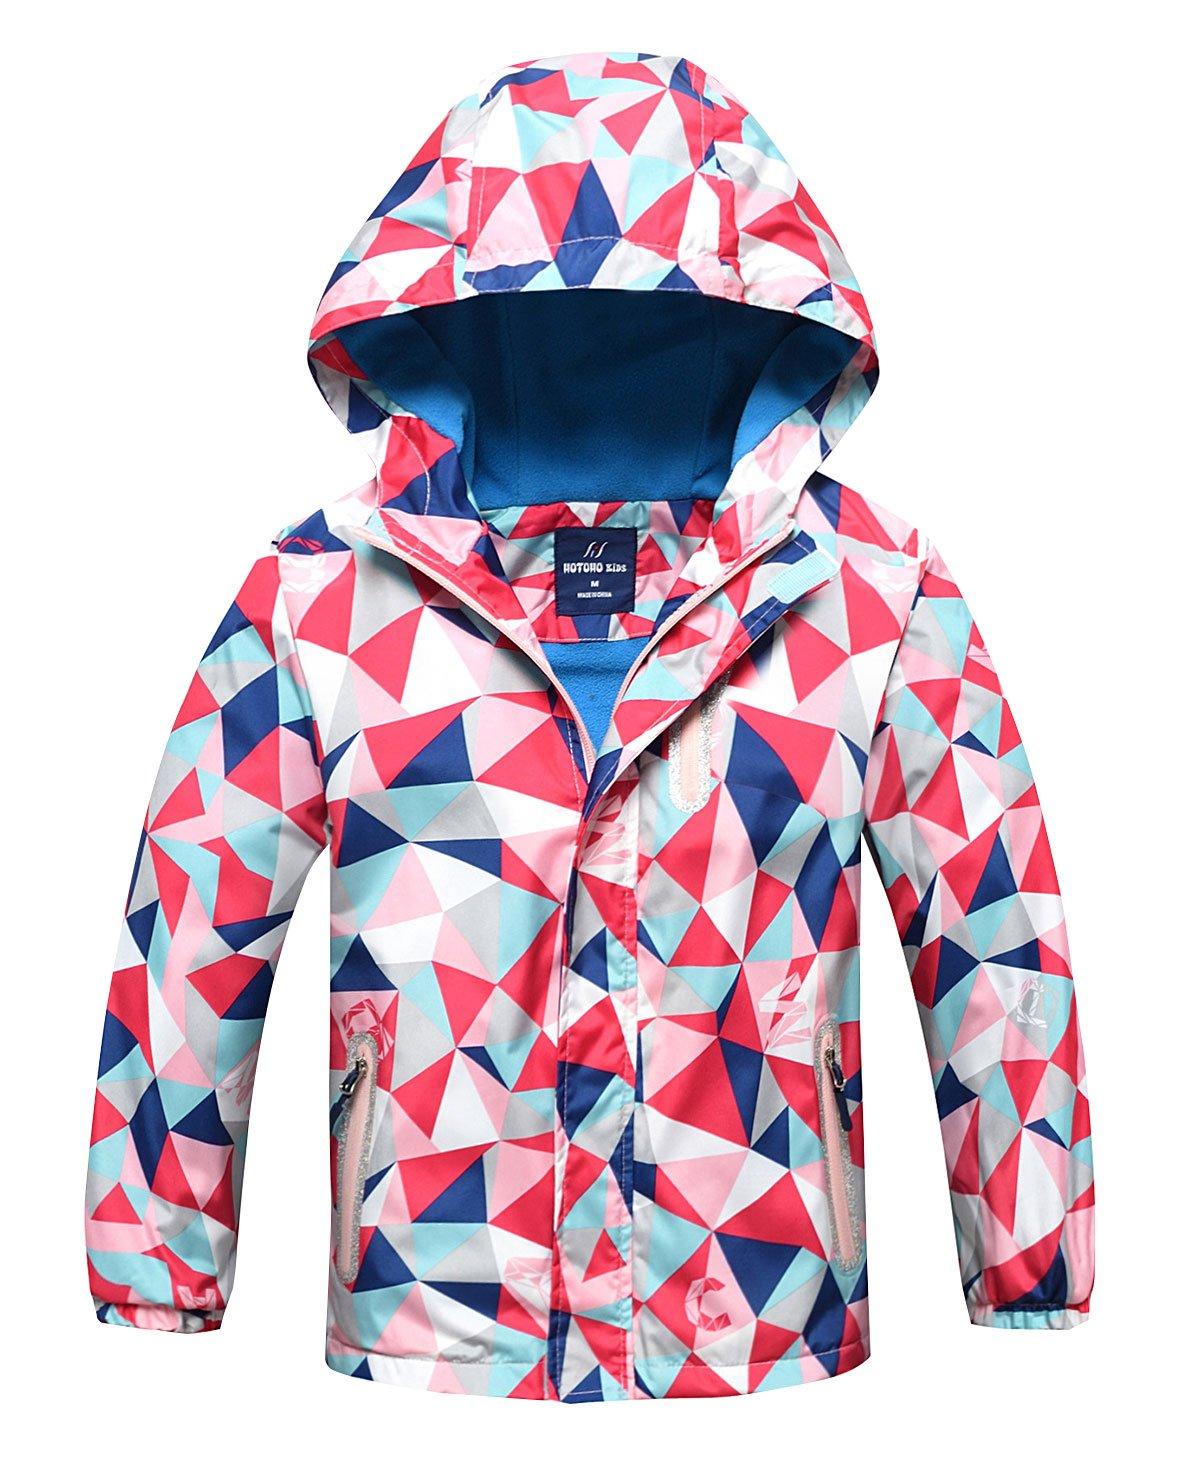 Girls Boys Fleece Lined Windbreaker Warm Hooded Jacket Overcoat Water Resistant Windproof Outerwear with Elastic Cuff, 4T